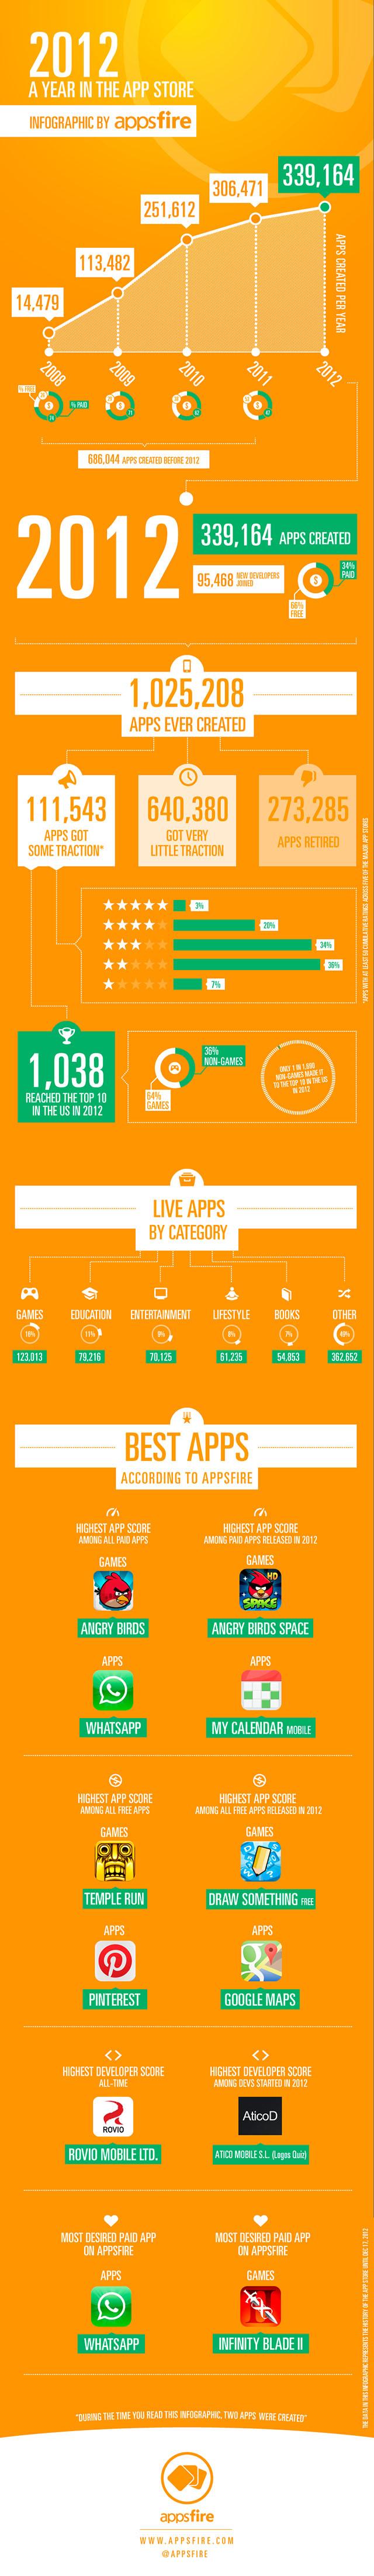 Успехи App Store за 2012 год